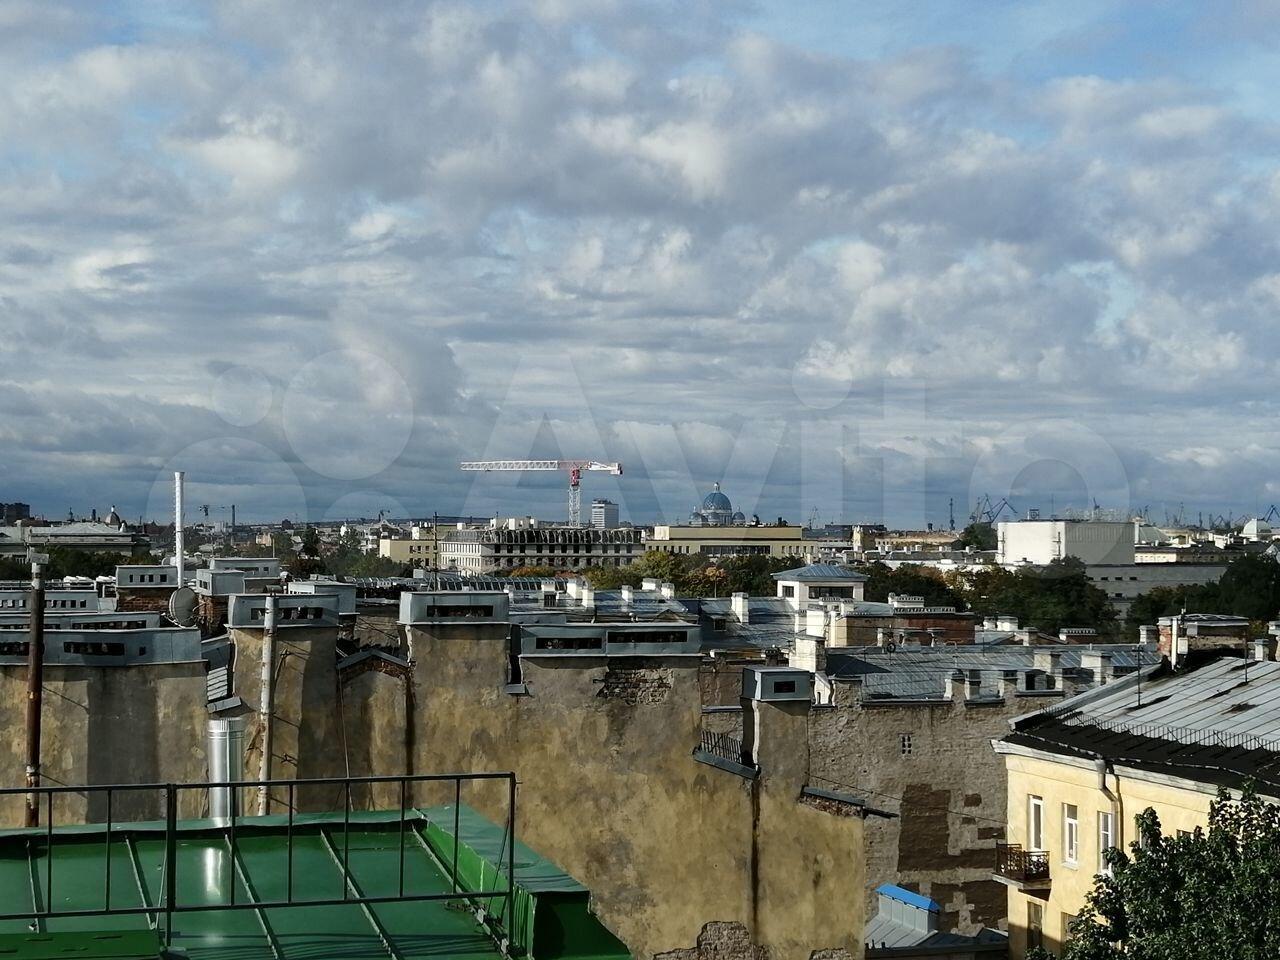 9-к квартира, 429 м², 5/5 эт. в Санкт-Петербурге> > 9-к квартира, 429 м², 5/5 эт.